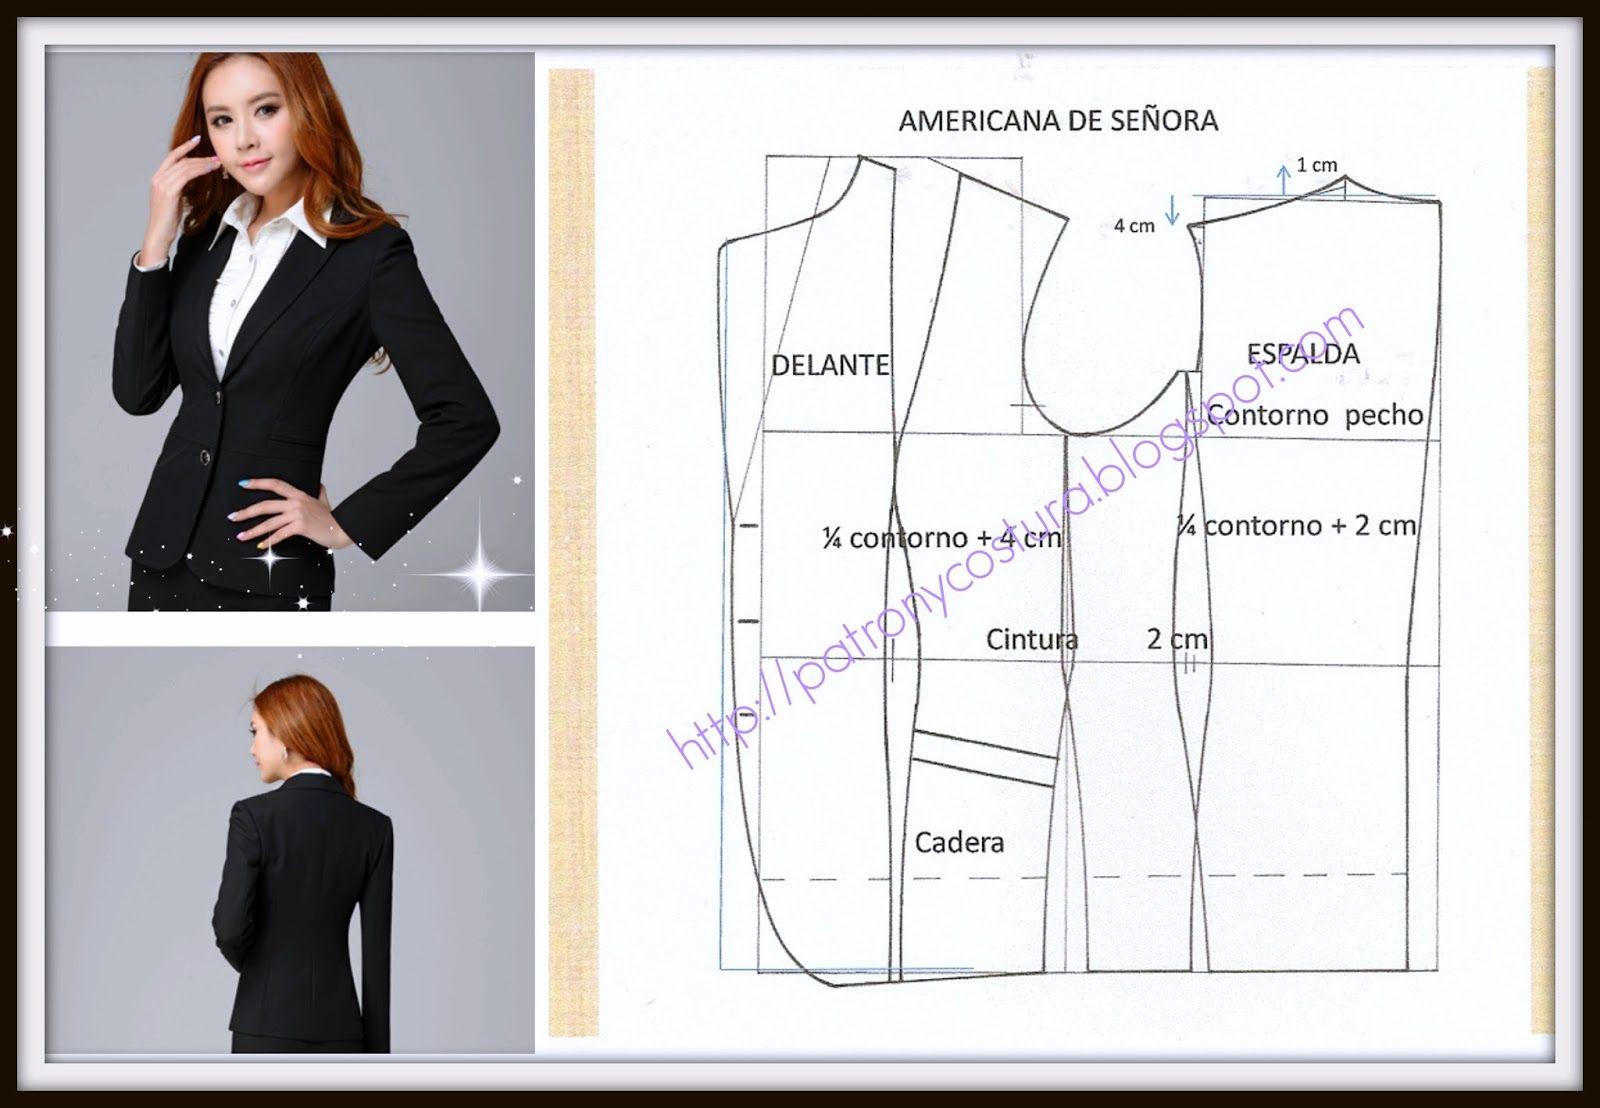 patrón y costura : chaqueta americana de señora tema 72